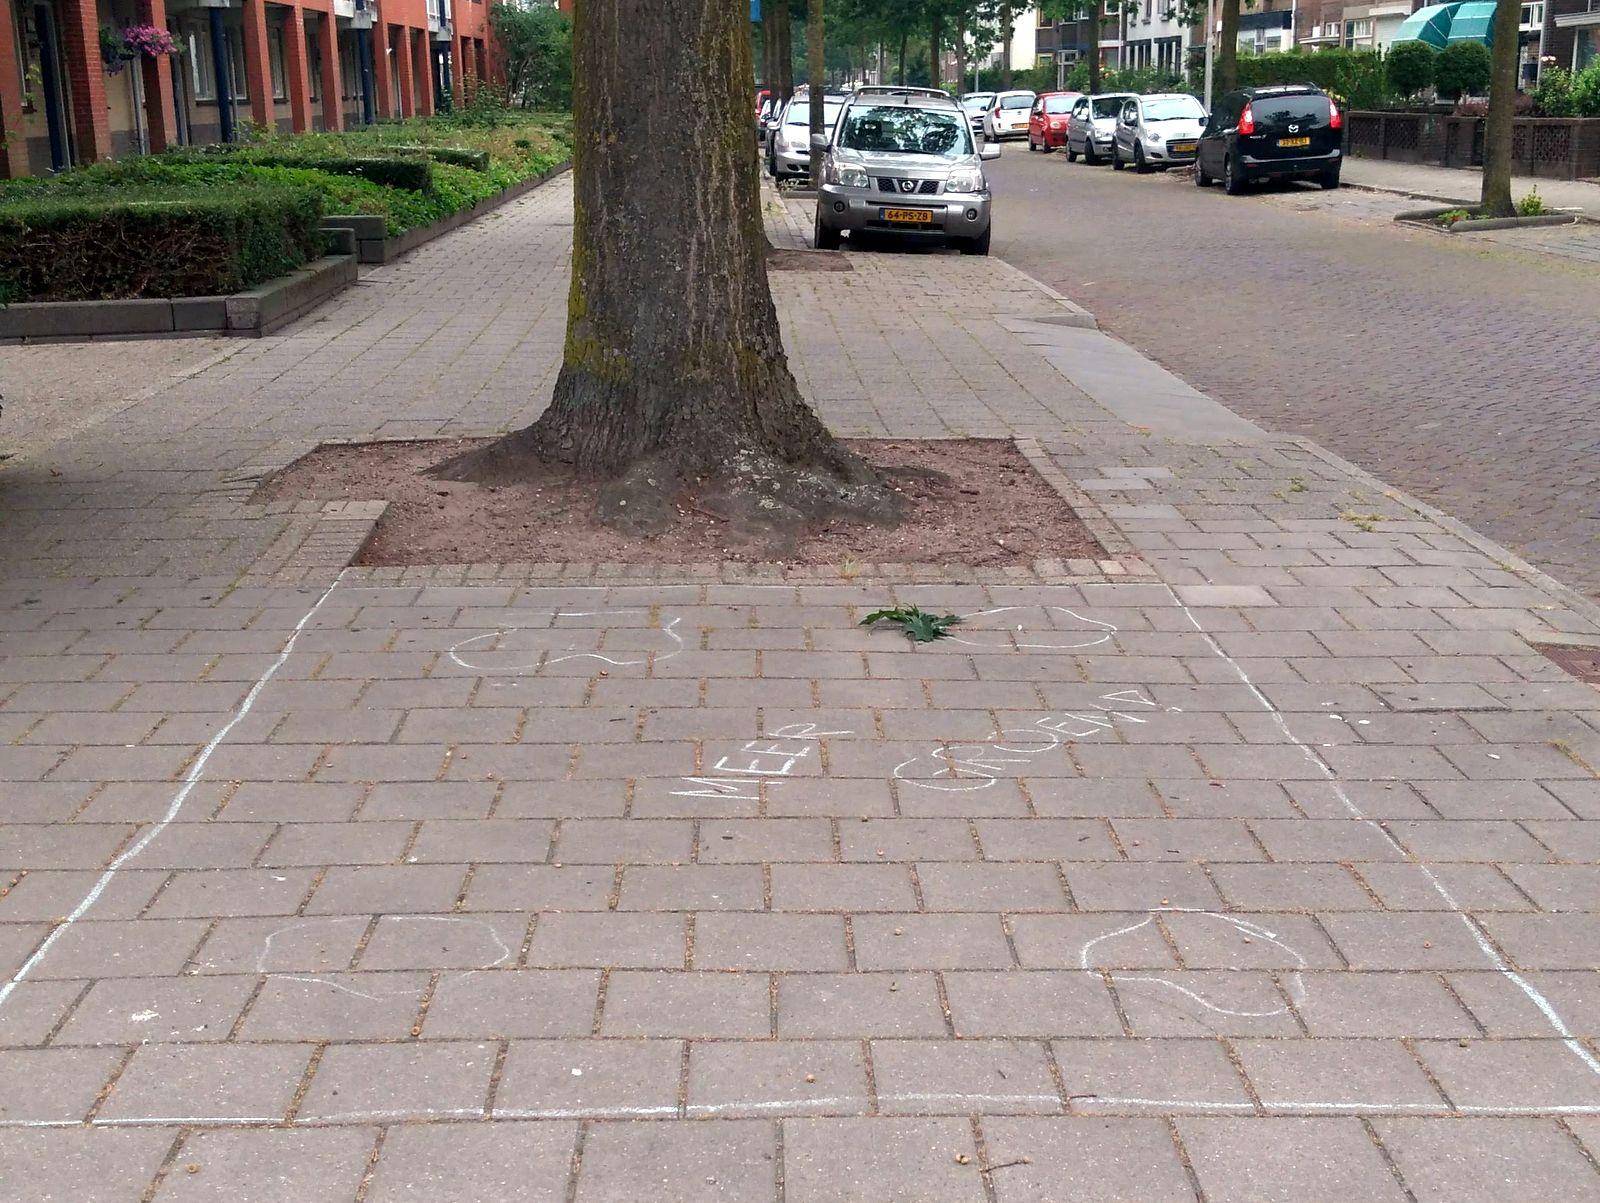 Vergroenen Biezenstraat/Maasstraat